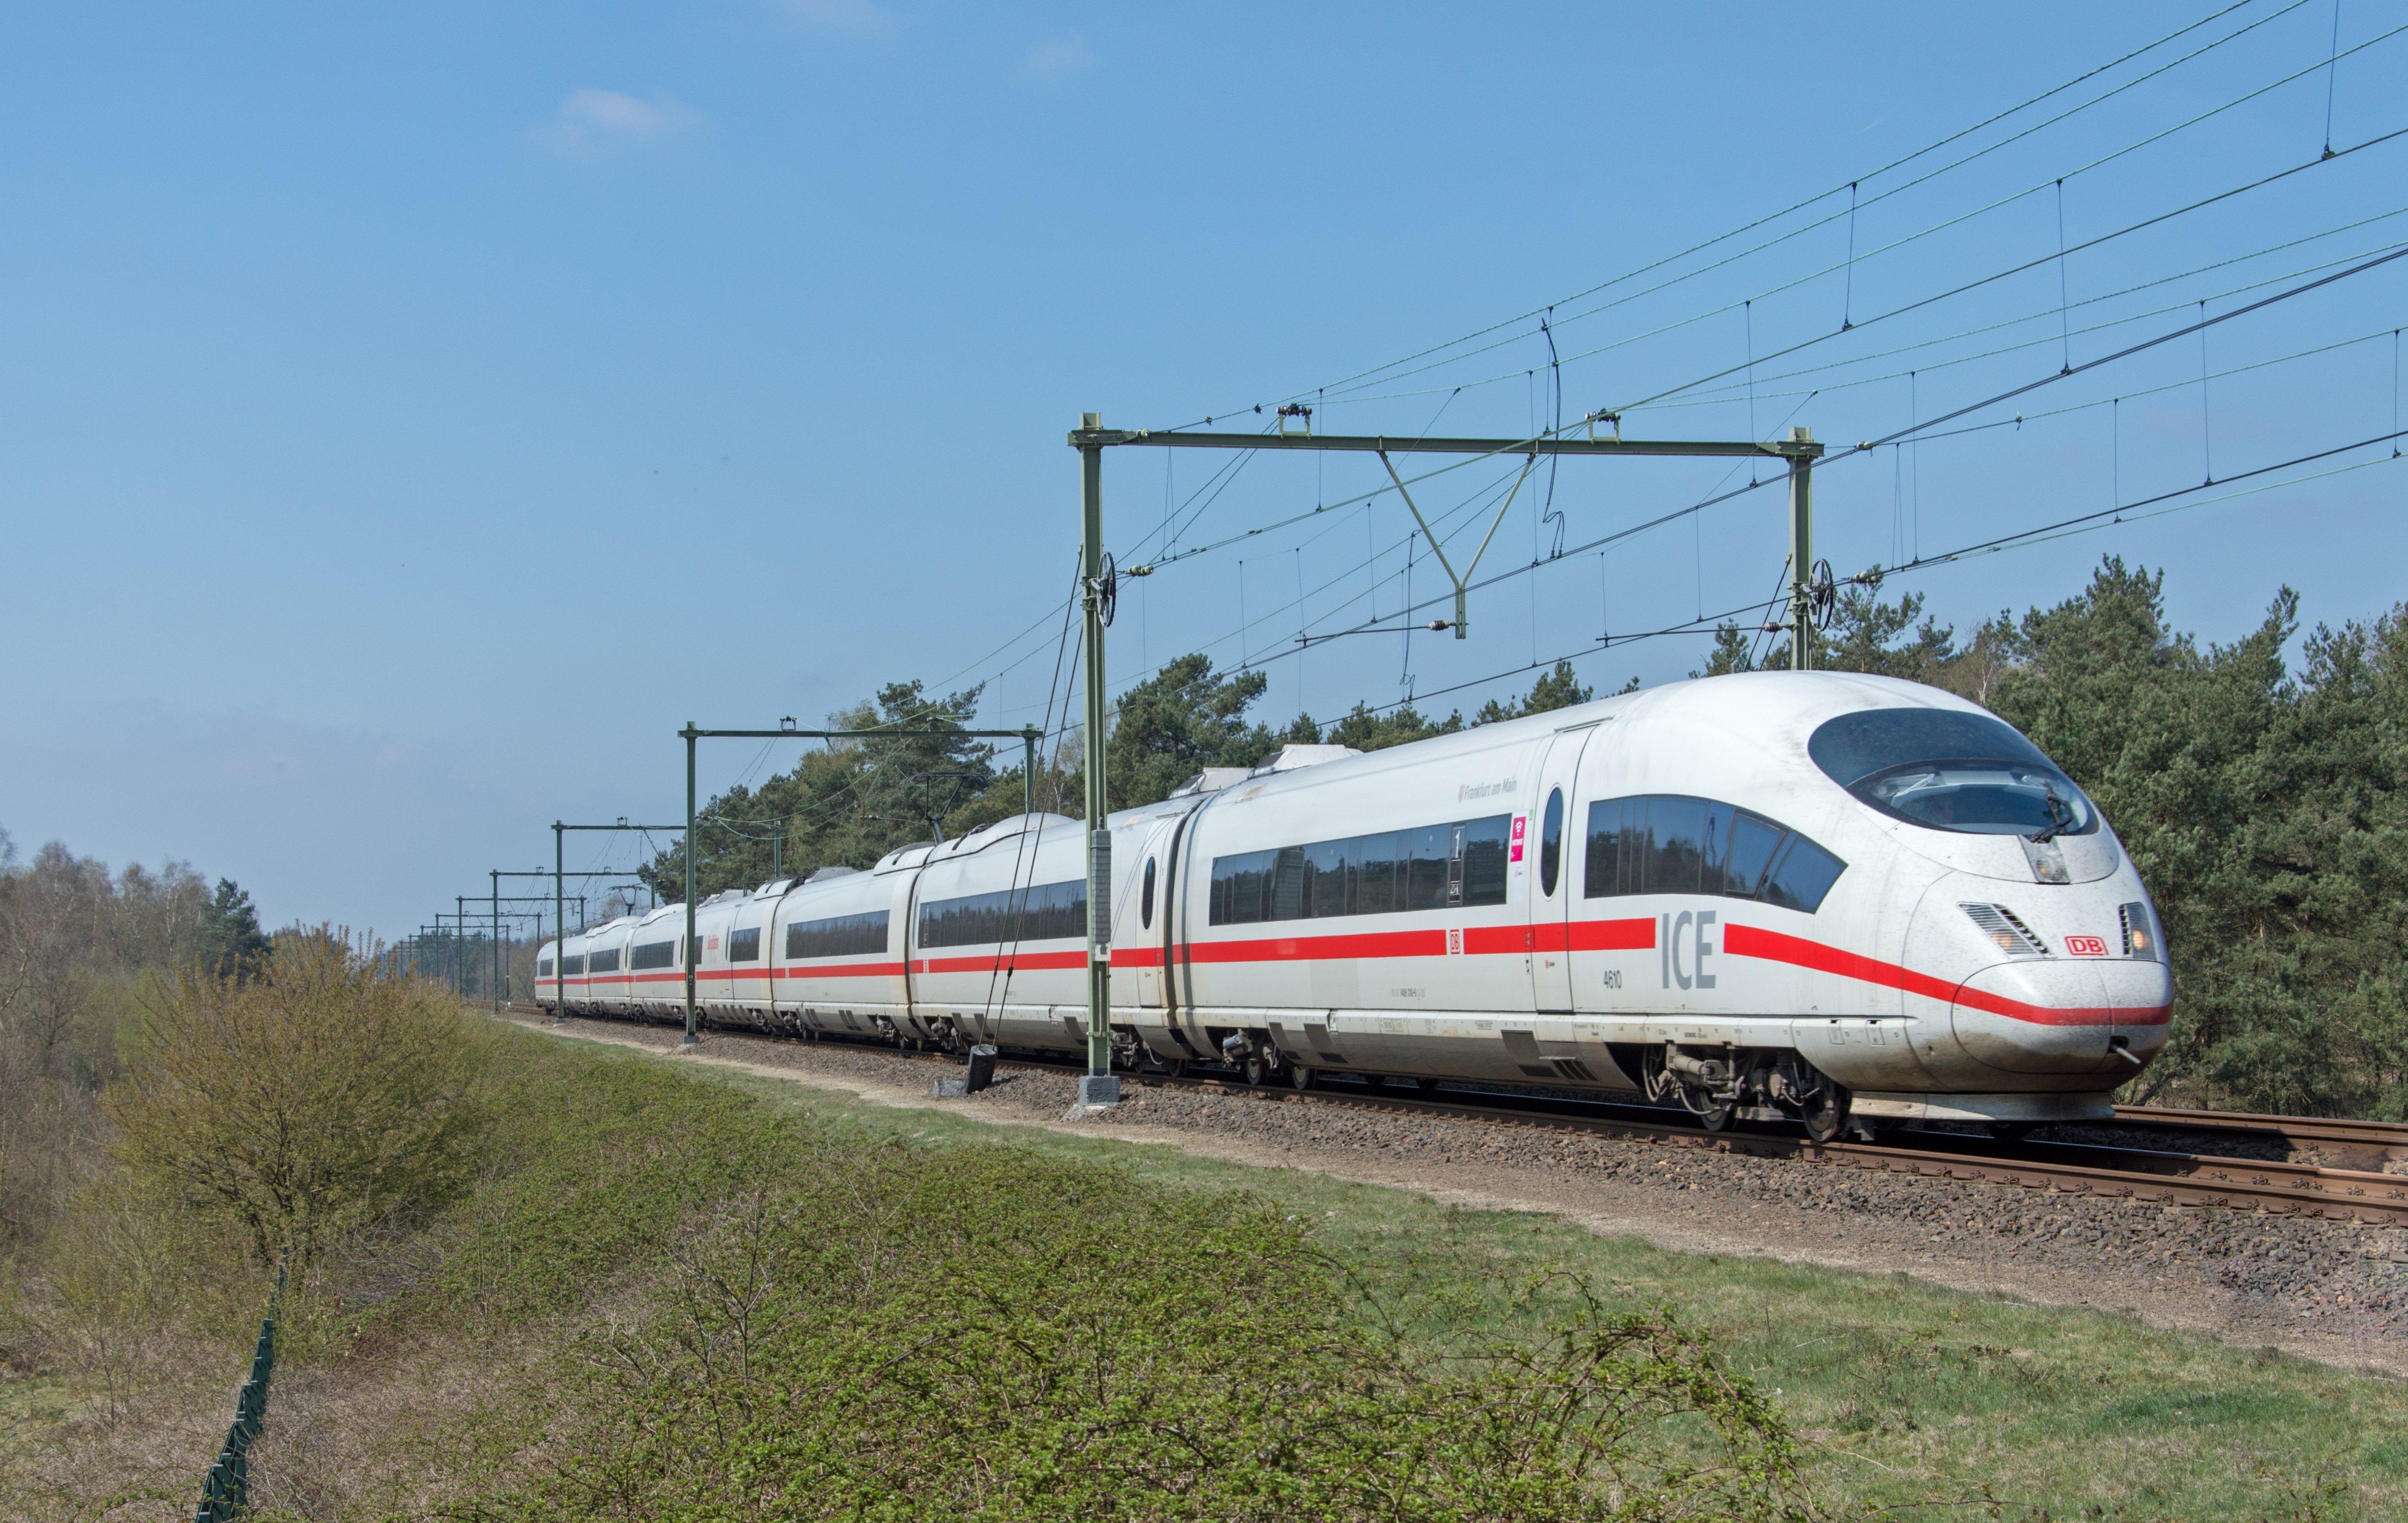 ICE der Deutschen Bahn. Urheber: Rob Dammers, Lizenz: creative commons (Namensnennung)